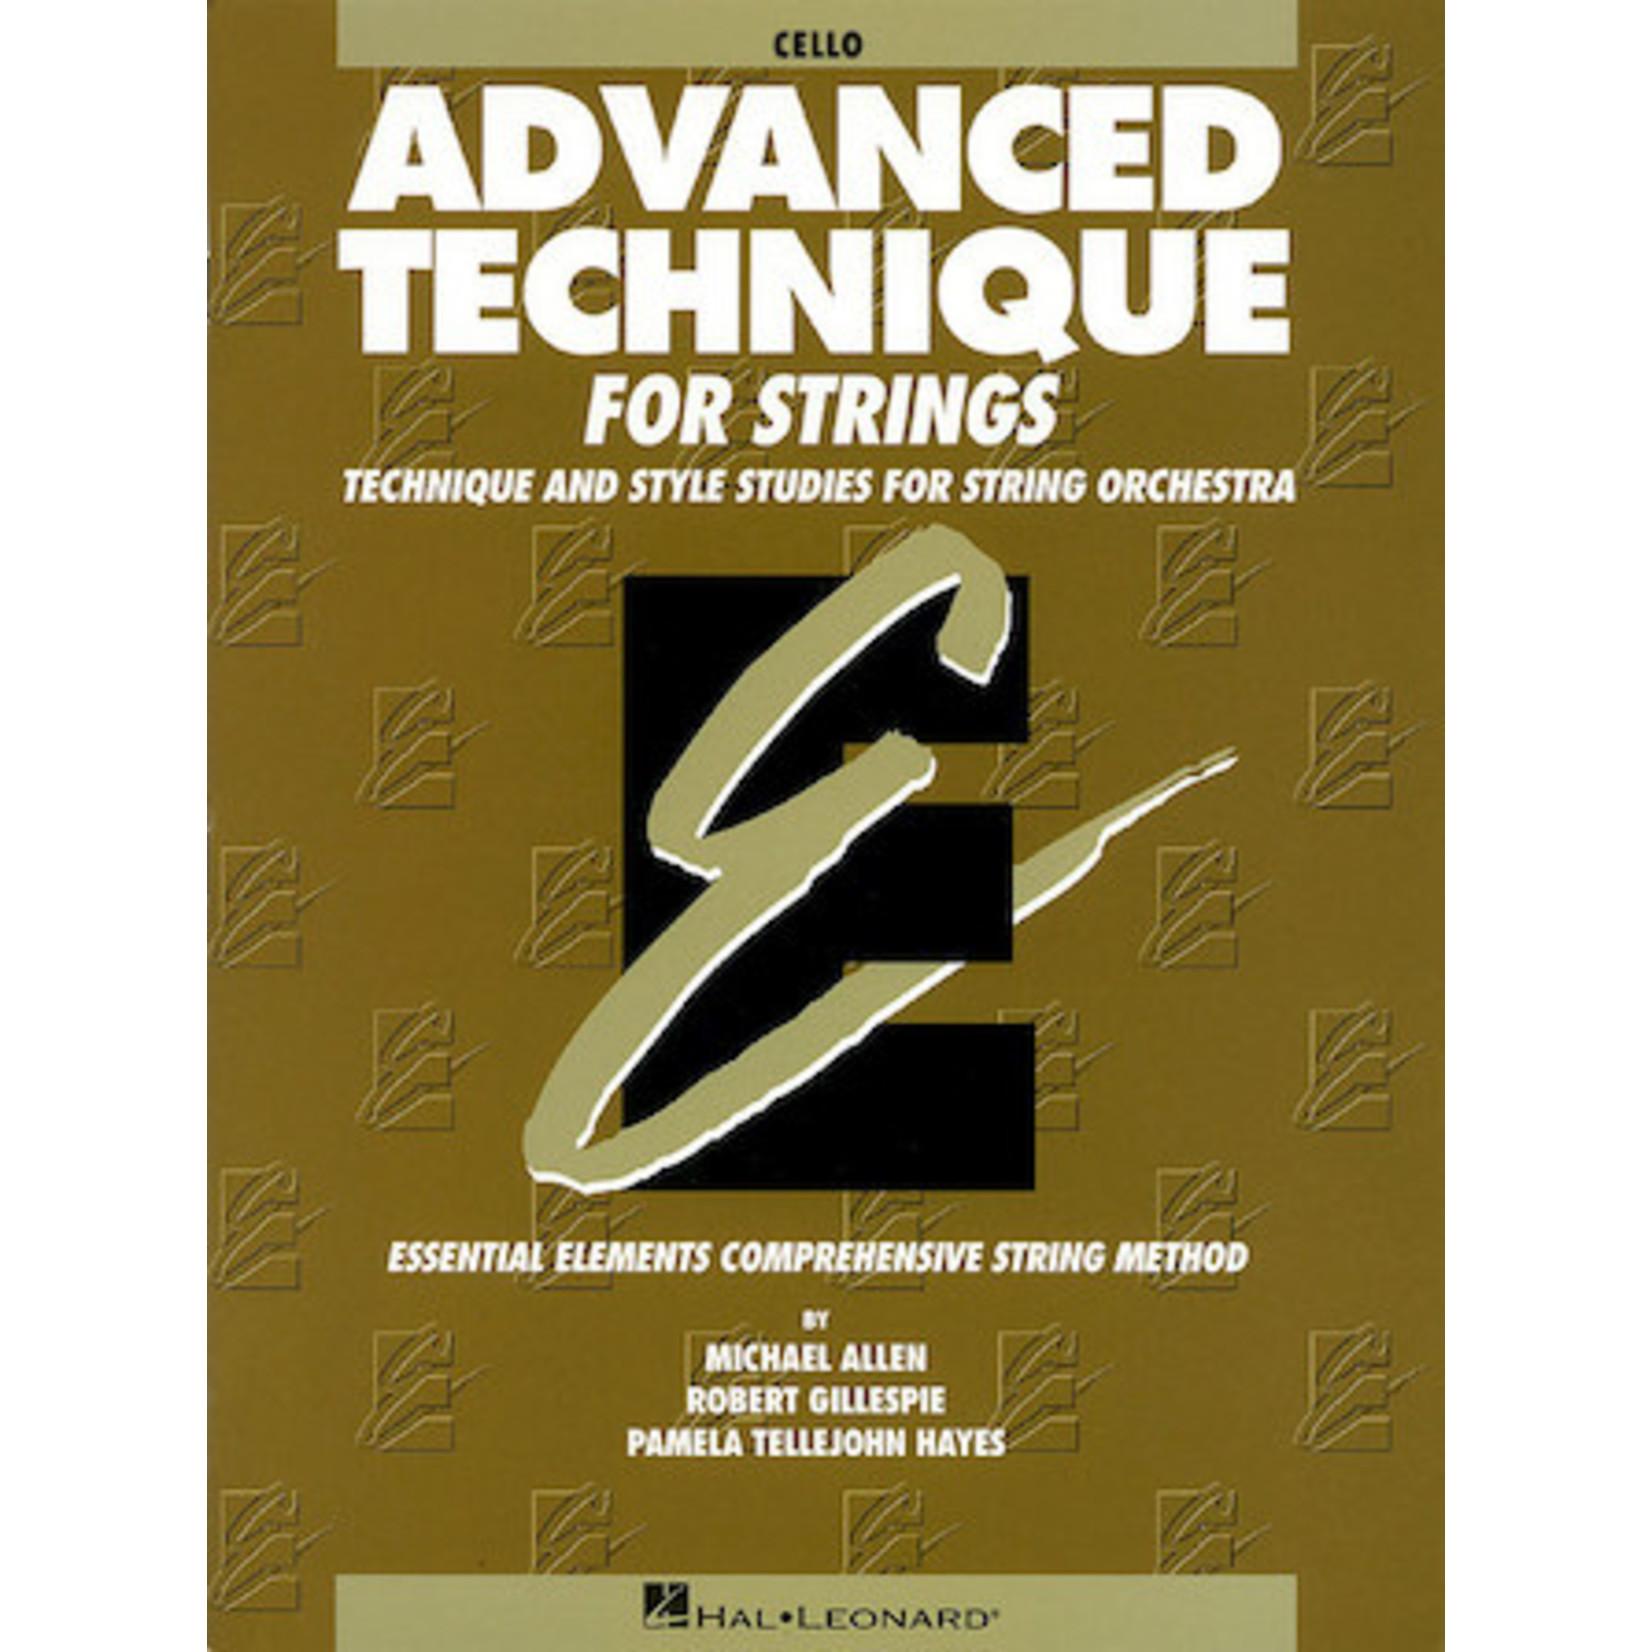 Hal Leonard Advanced Technique for Strings - Cello (Original Series)